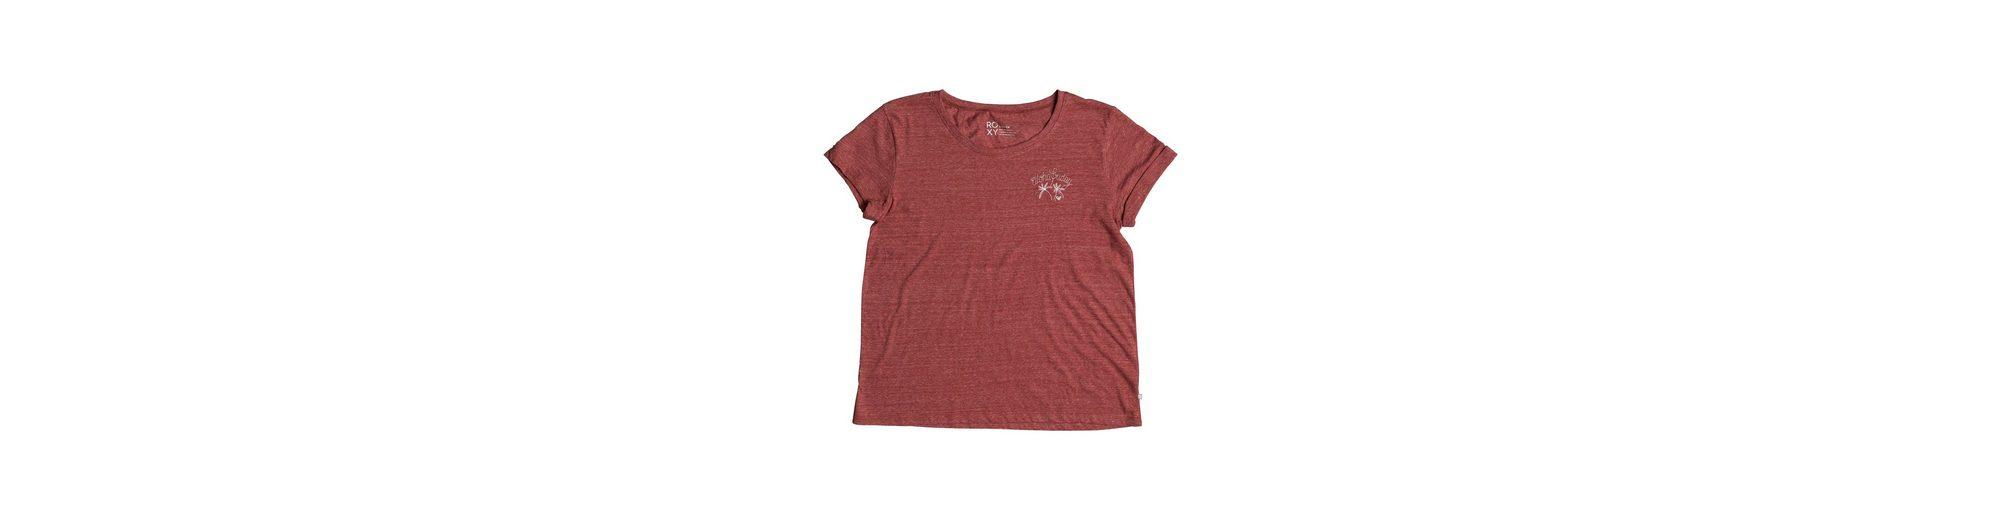 Sammlungen Roxy T-Shirt Wild Alcyons B Erkunden Zu Verkaufen Angebote gMVlFvw